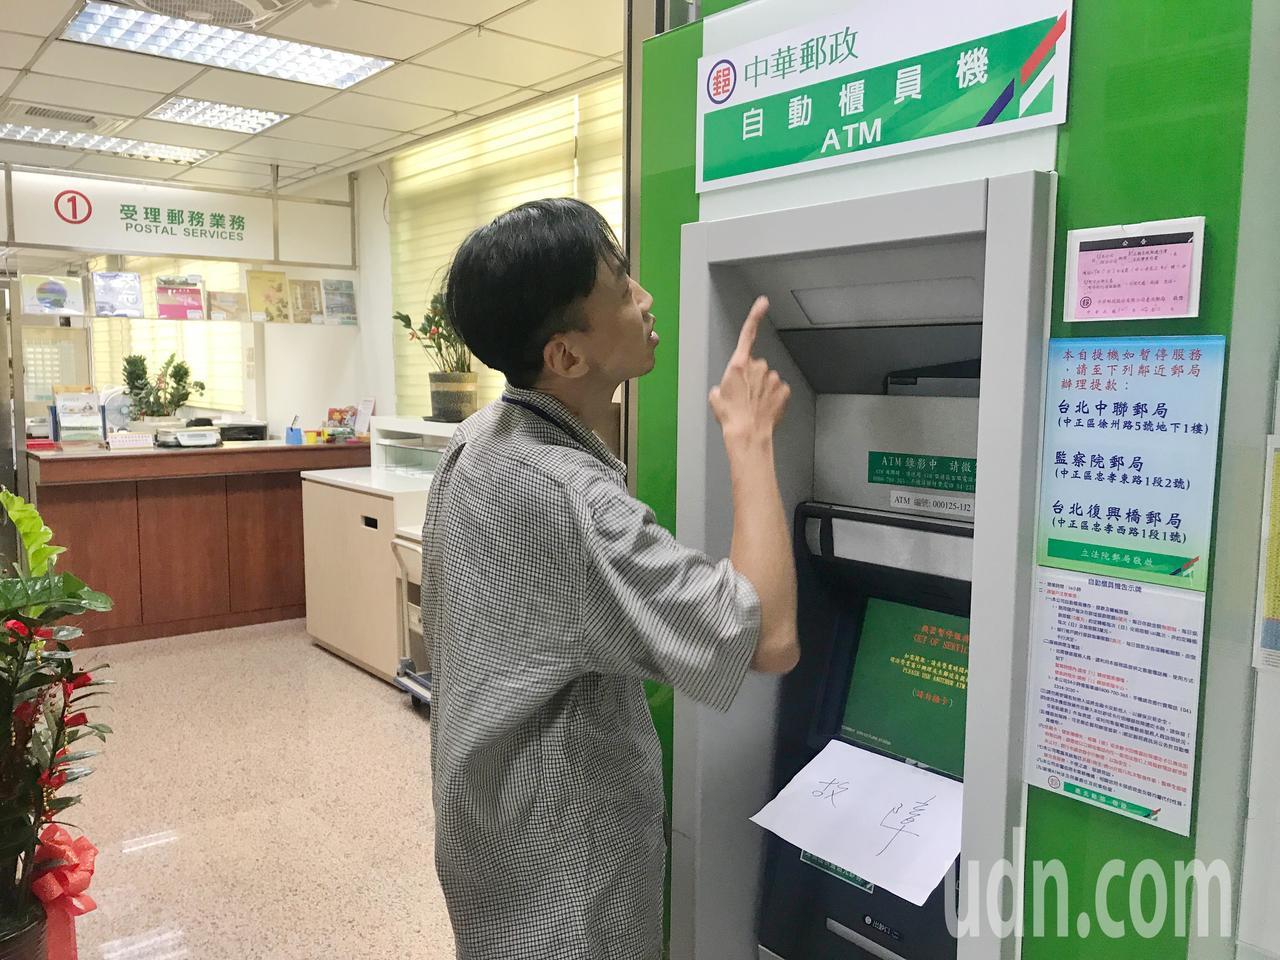 中華郵政今天被罰80萬元,應是歷年最高罰鍰。圖/本報資料照片